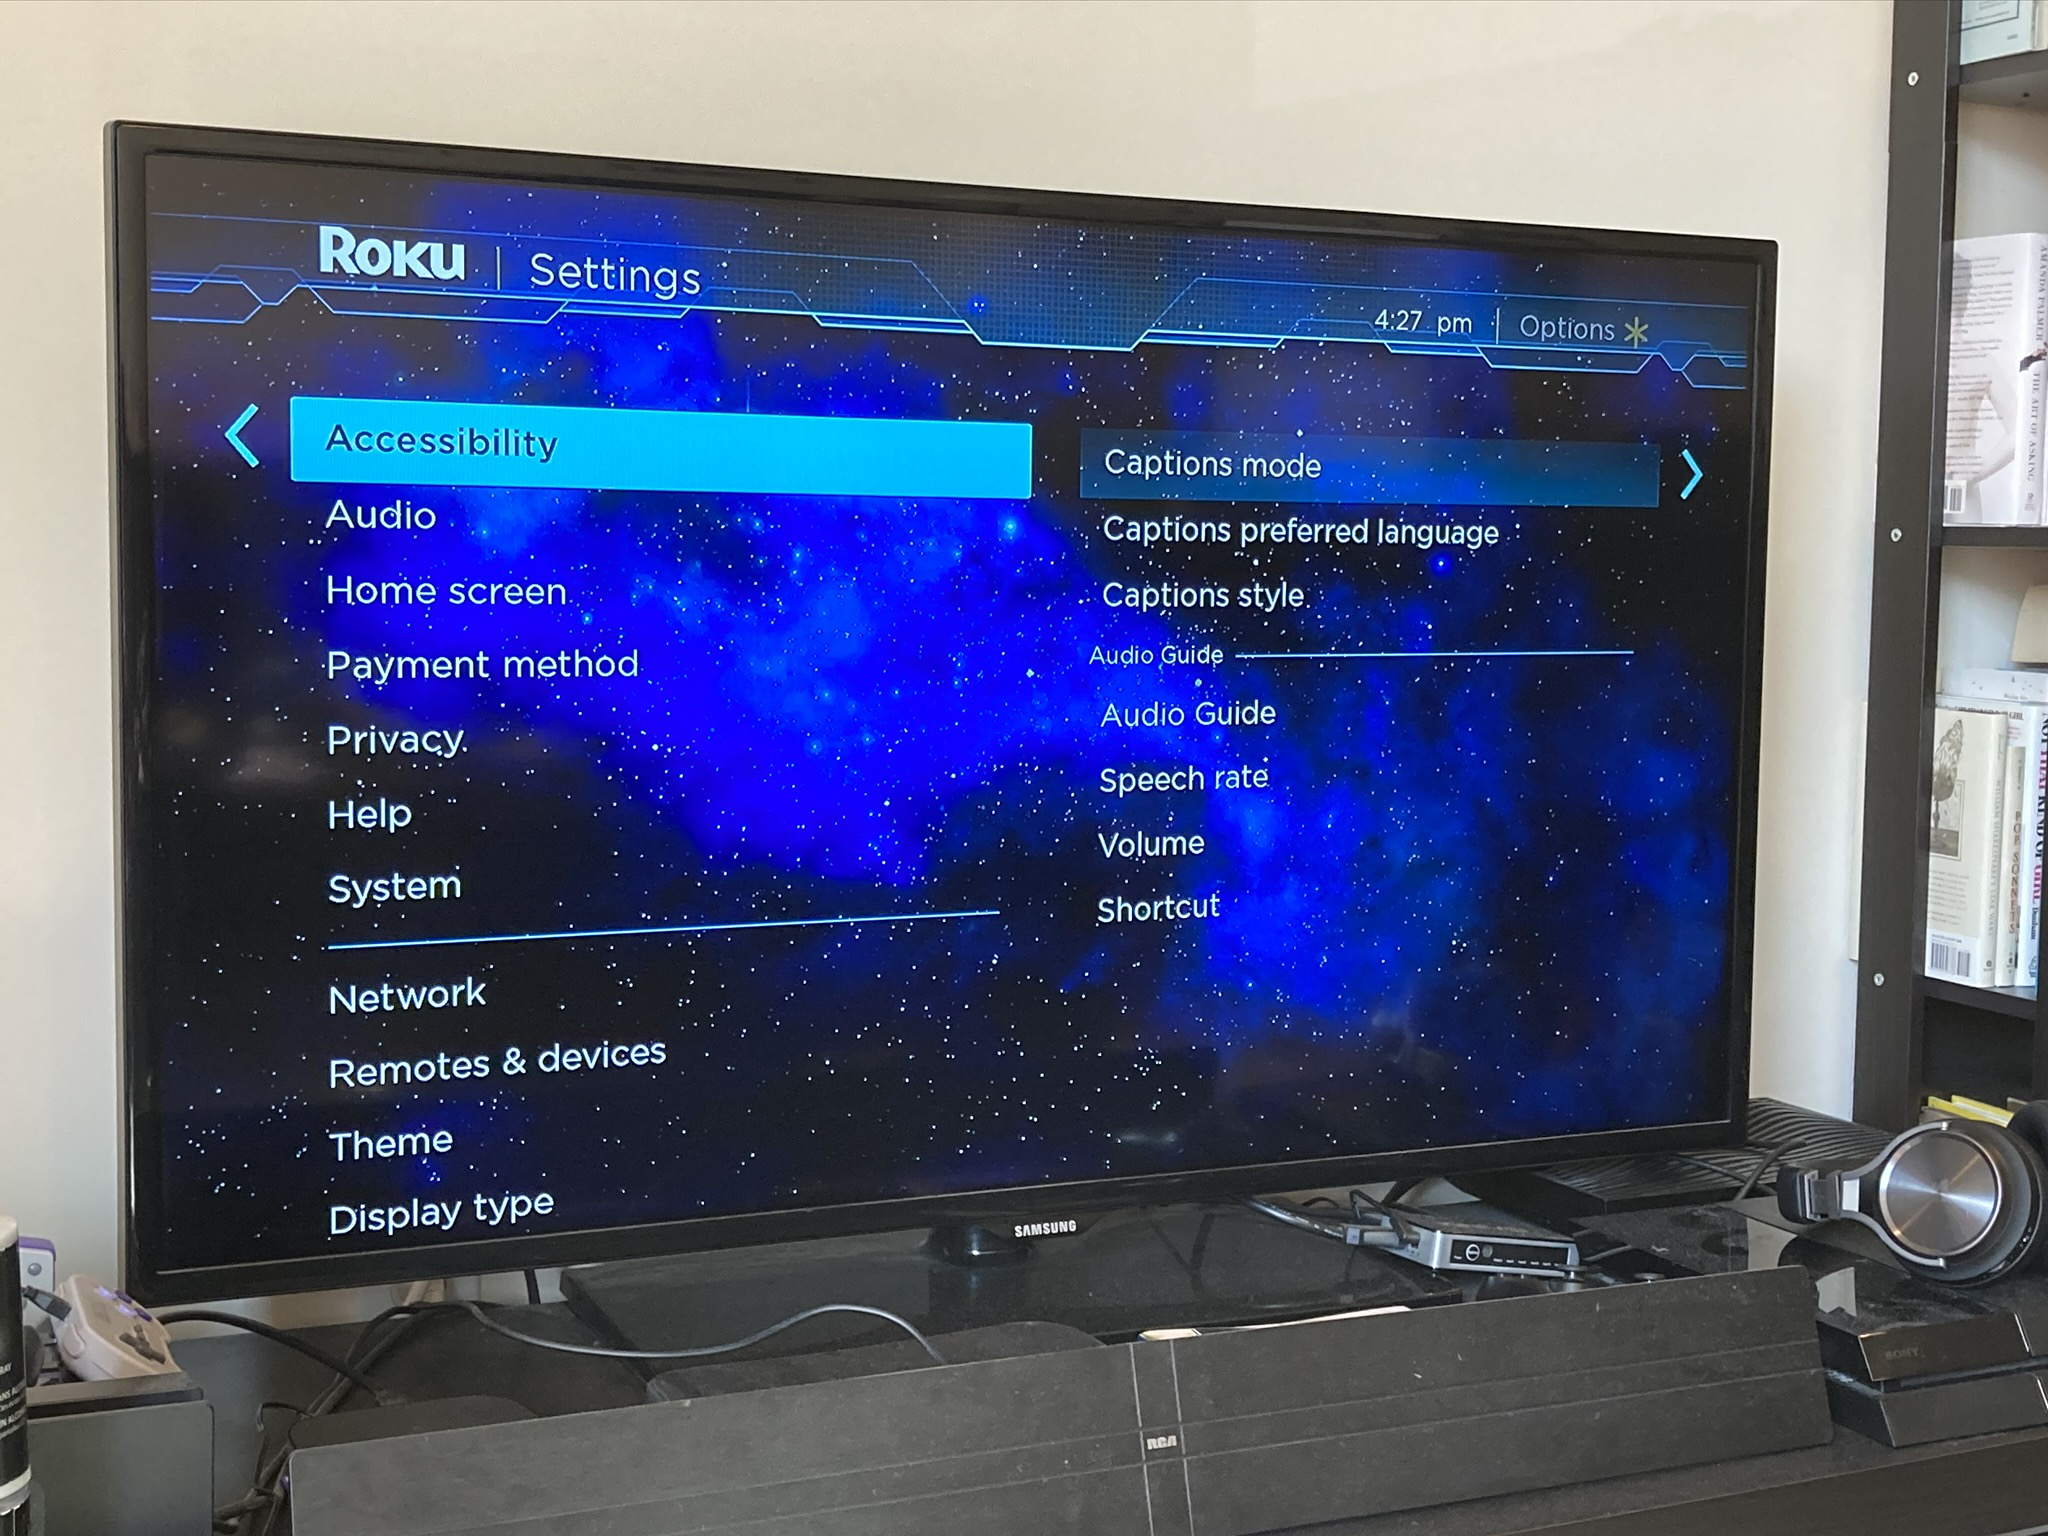 El menú Configuración es donde encontrará todas las opciones de subtítulos opcionales de Roku. Al manipularlos, puede determinar si desea ver subtítulos en todos sus programas, en ninguno de sus programas o solo cuando reproduzca una sección. El menú Configuración también es donde puede actualizar su dispositivo, o restablecerlo de fábrica, si termina necesitando hacerlo.